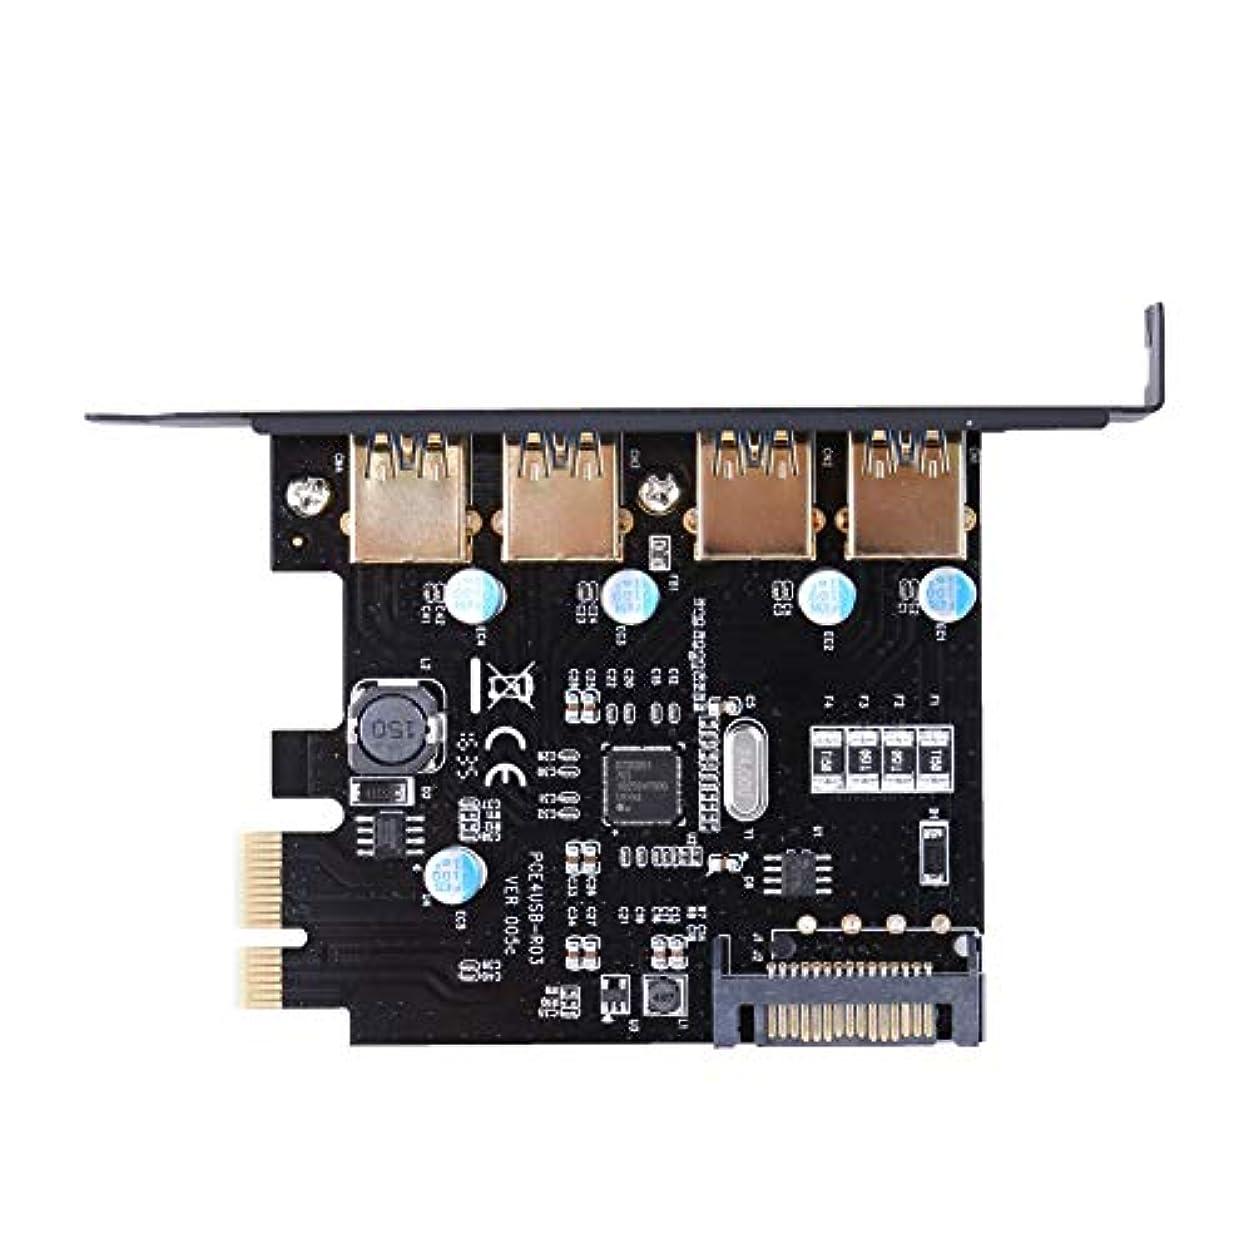 操作可能ごめんなさい役立つ新しい4ポートusb 3.0 pci-eカードpci express拡張カードアダプター5 gbpsでピン電源コネクタ用デスクトップ